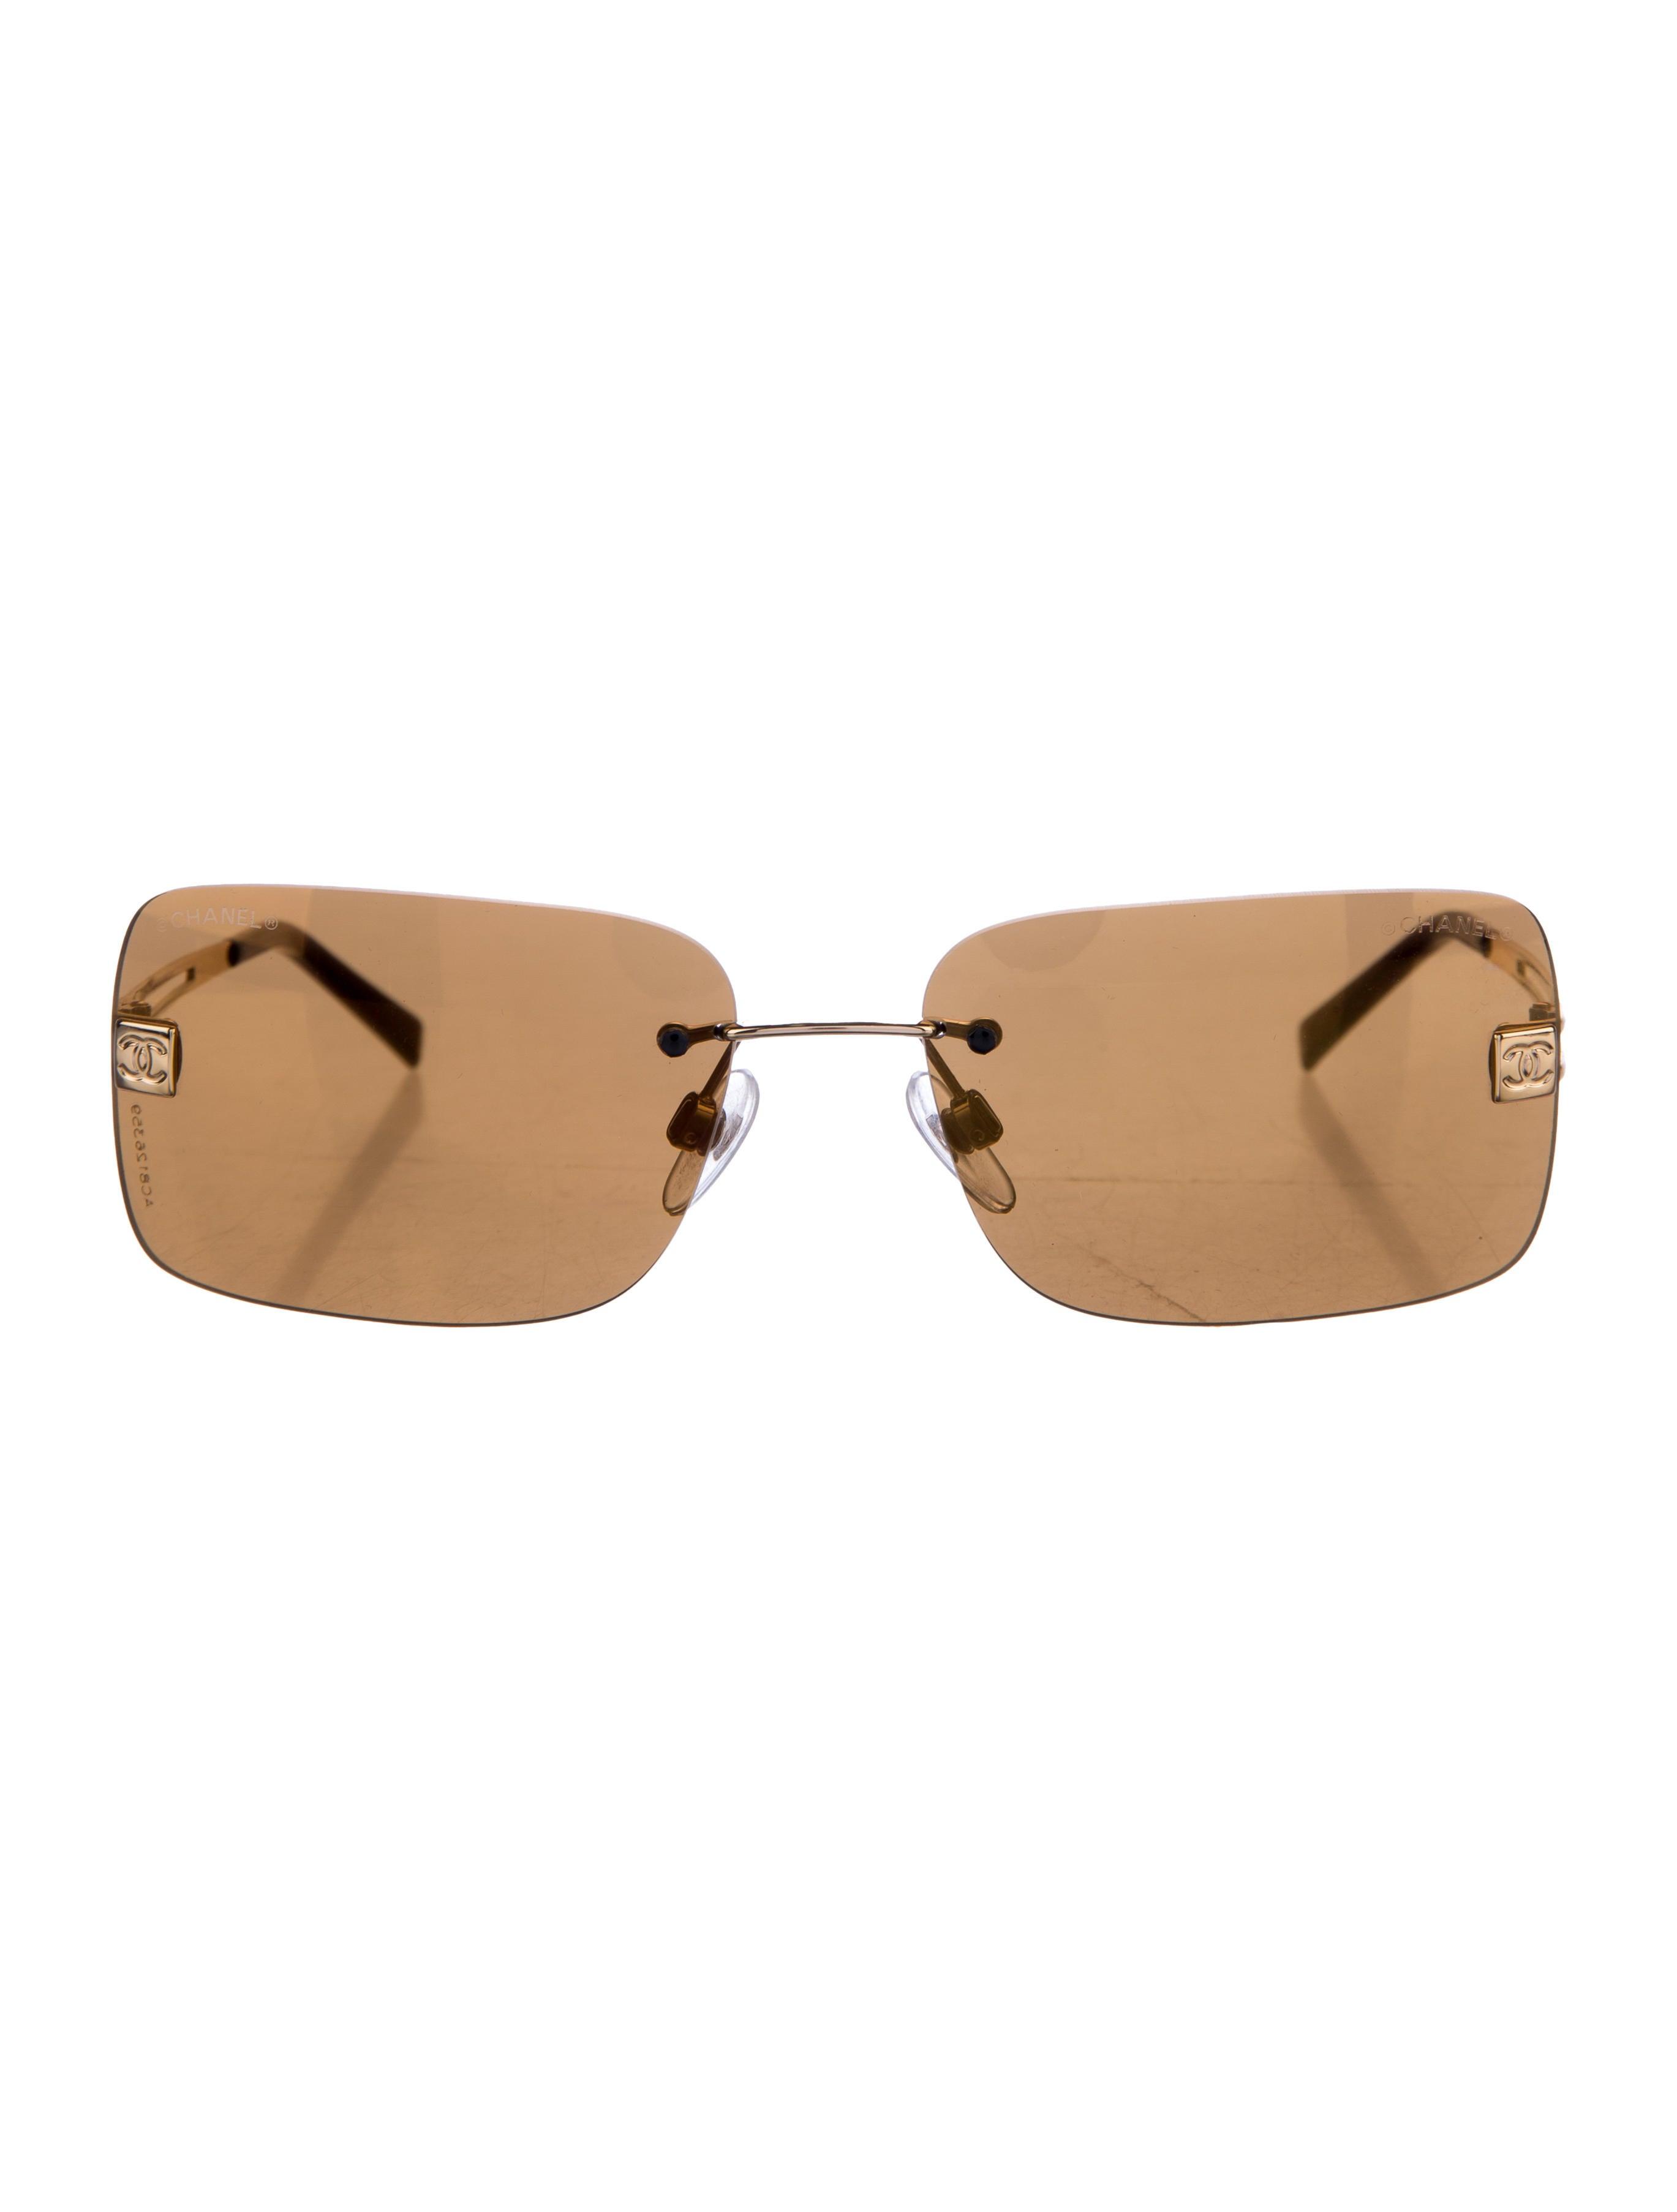 Rimless Chanel Glasses : Chanel Rimless CC Sunglasses - Accessories - CHA164434 ...